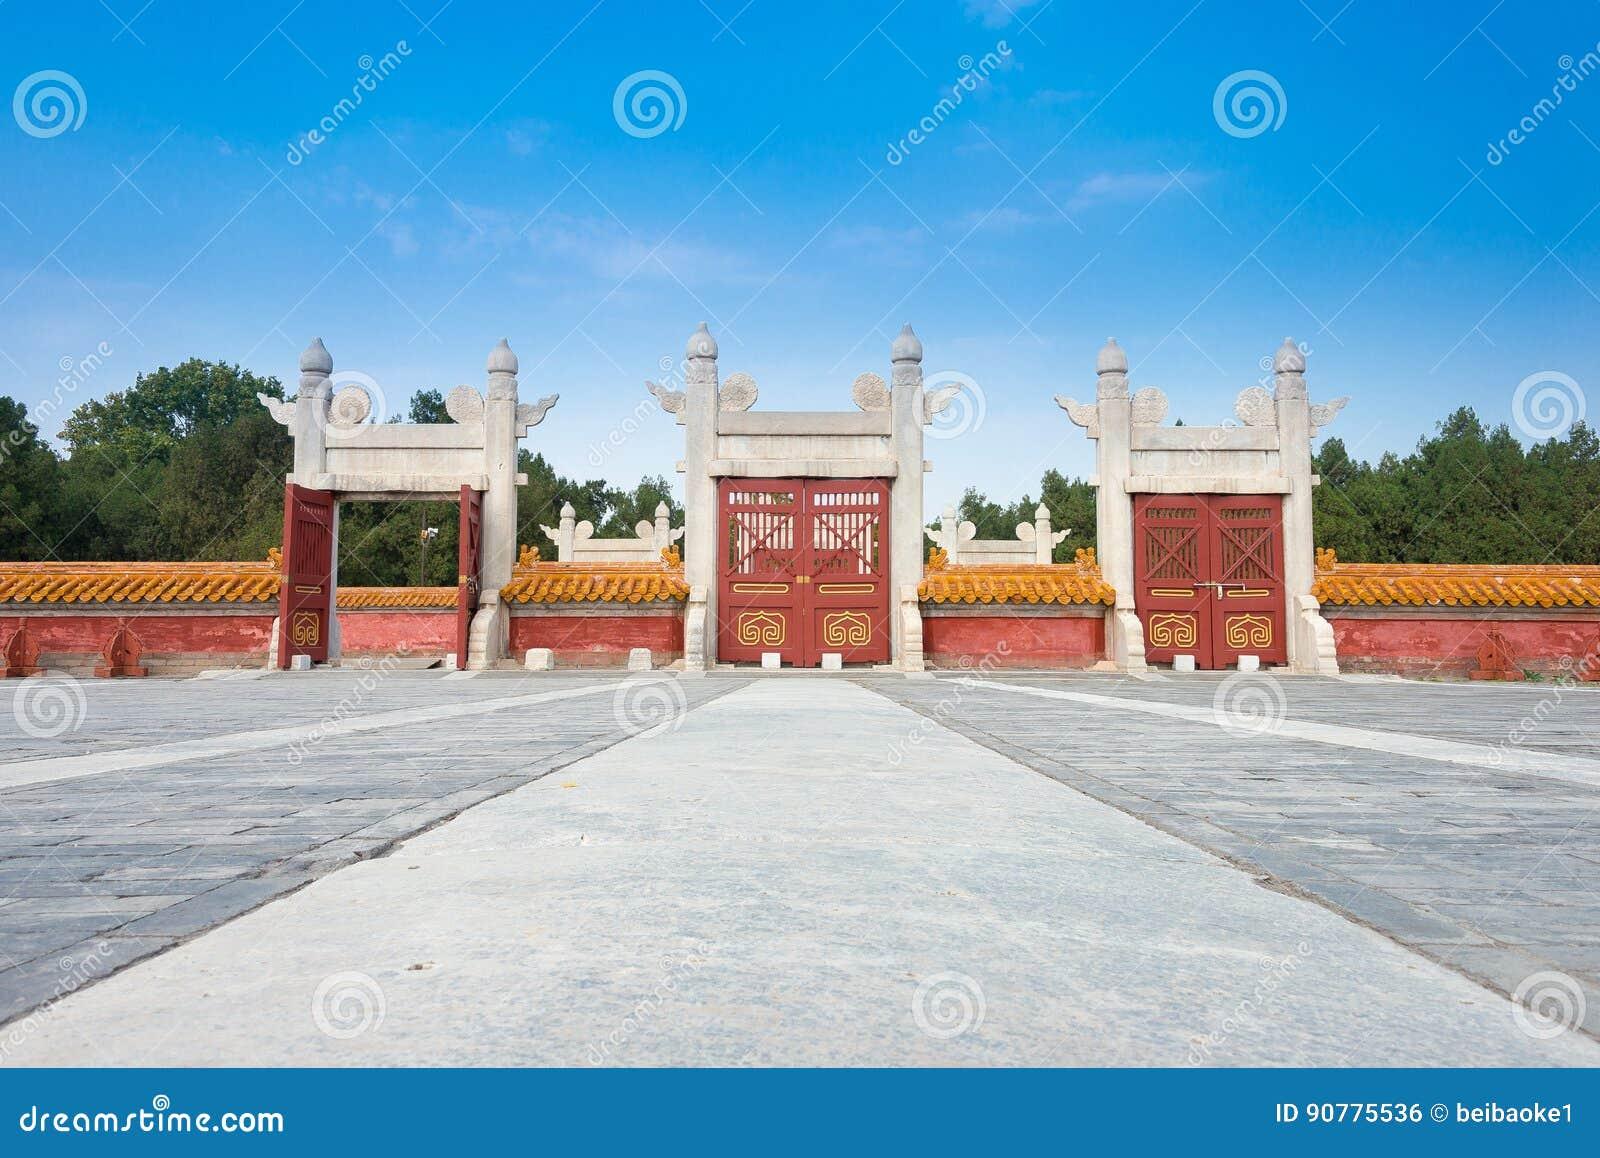 PEQUIM, CHINA - 18 de outubro de 2015: Telhado no templo da terra (Ditan) A